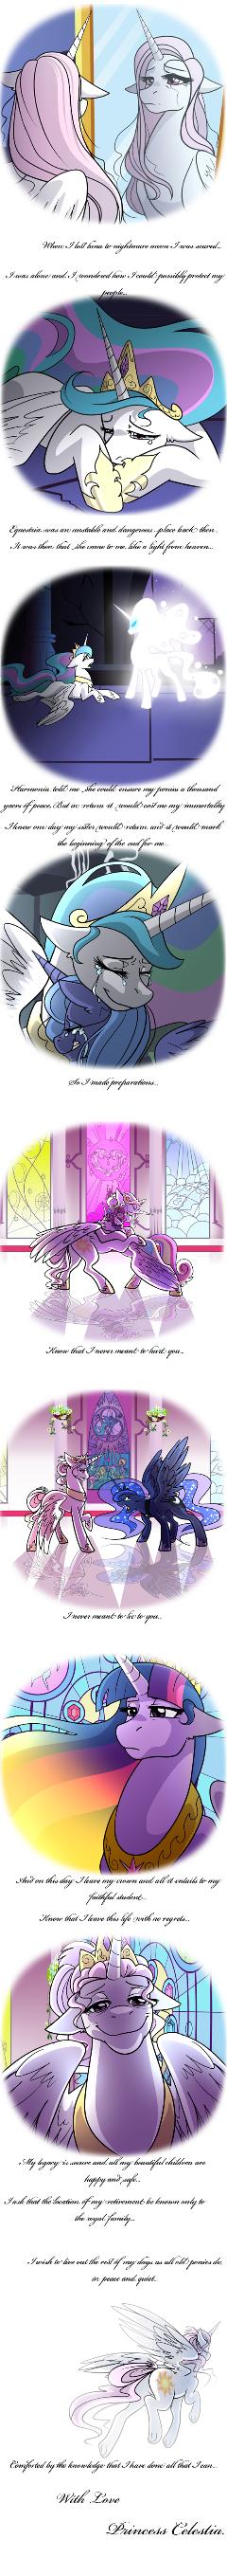 Celestia's farewell